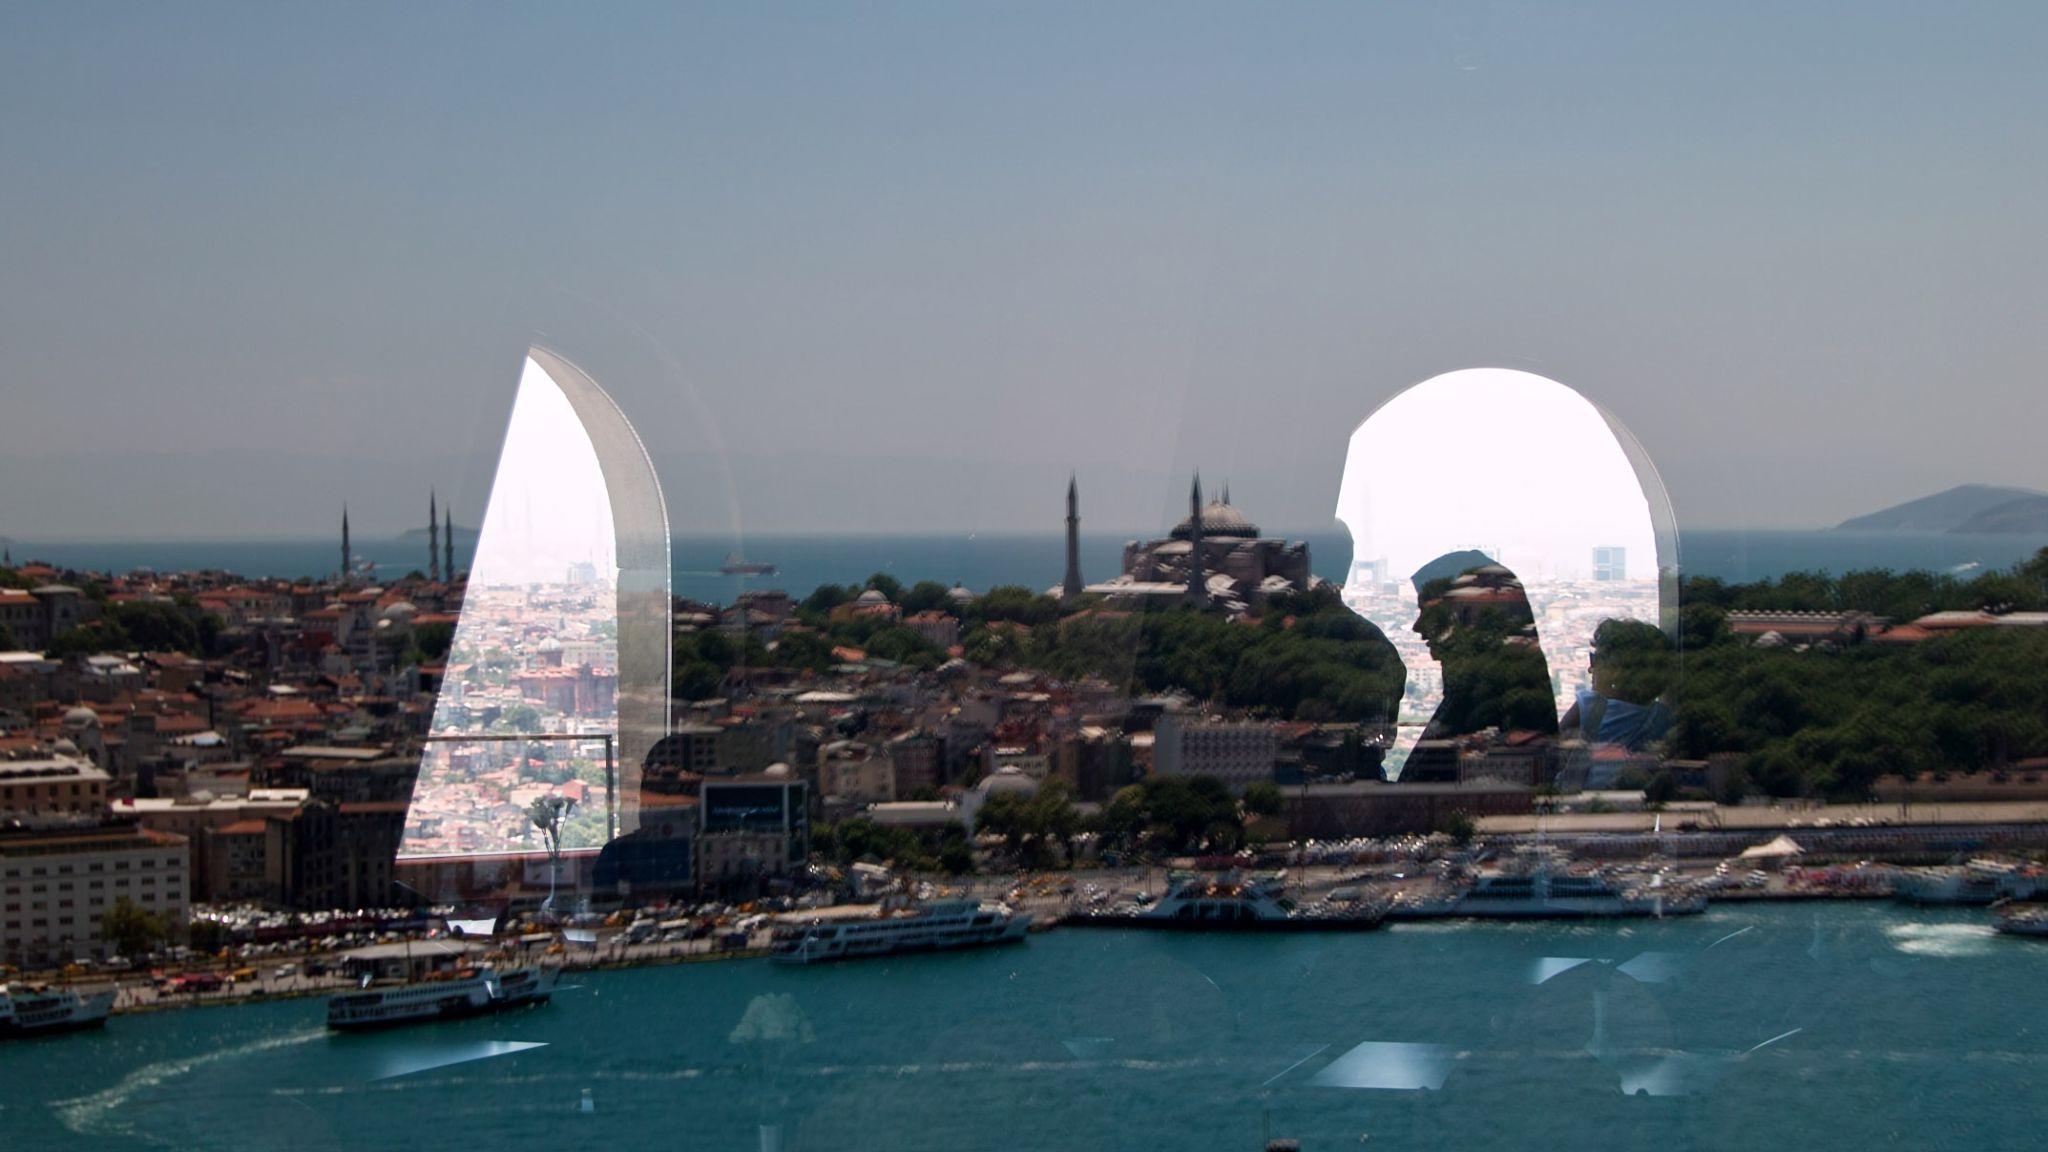 Untitled by Ubeyd Baş